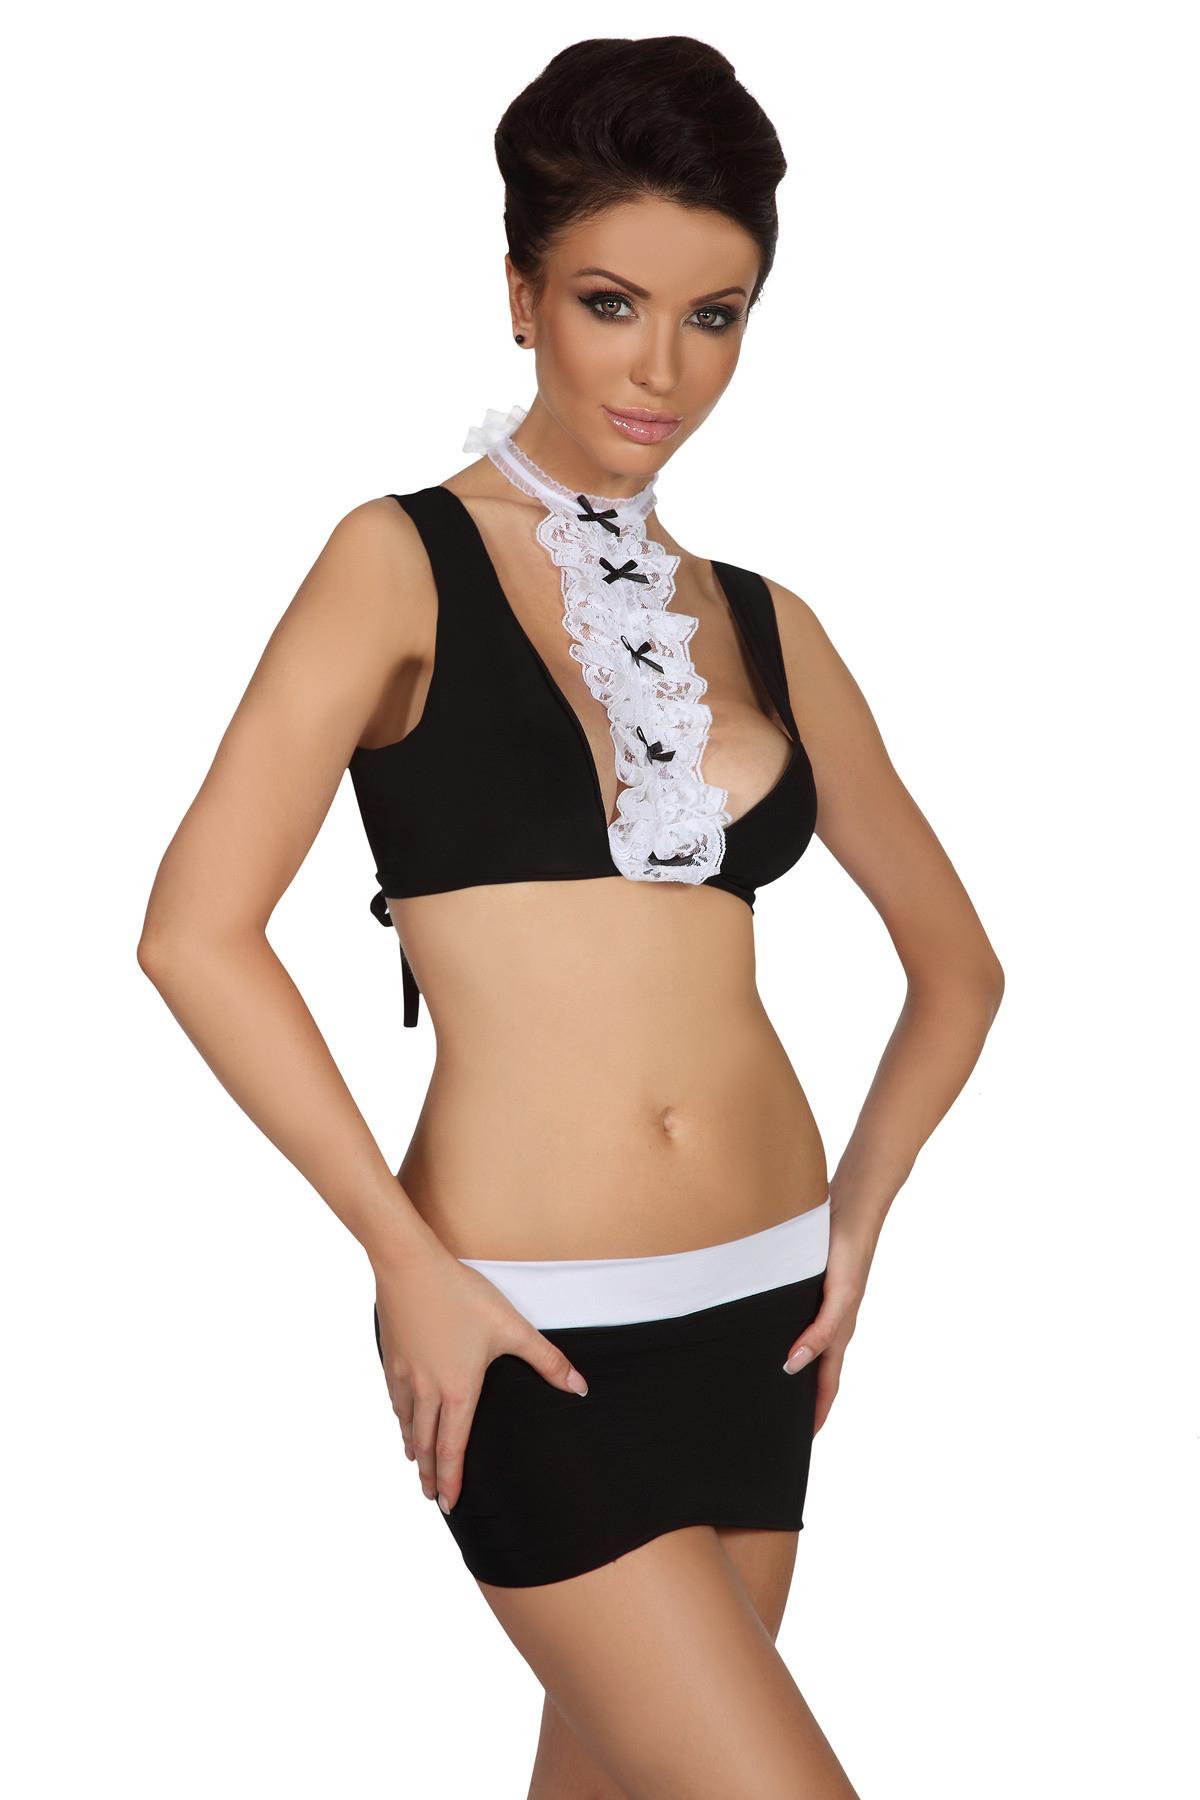 Beauty Night Fashion Sexy soupravy model 36967 Sussie - Beauty Night Barva: černo-bílá, Velikost: L/